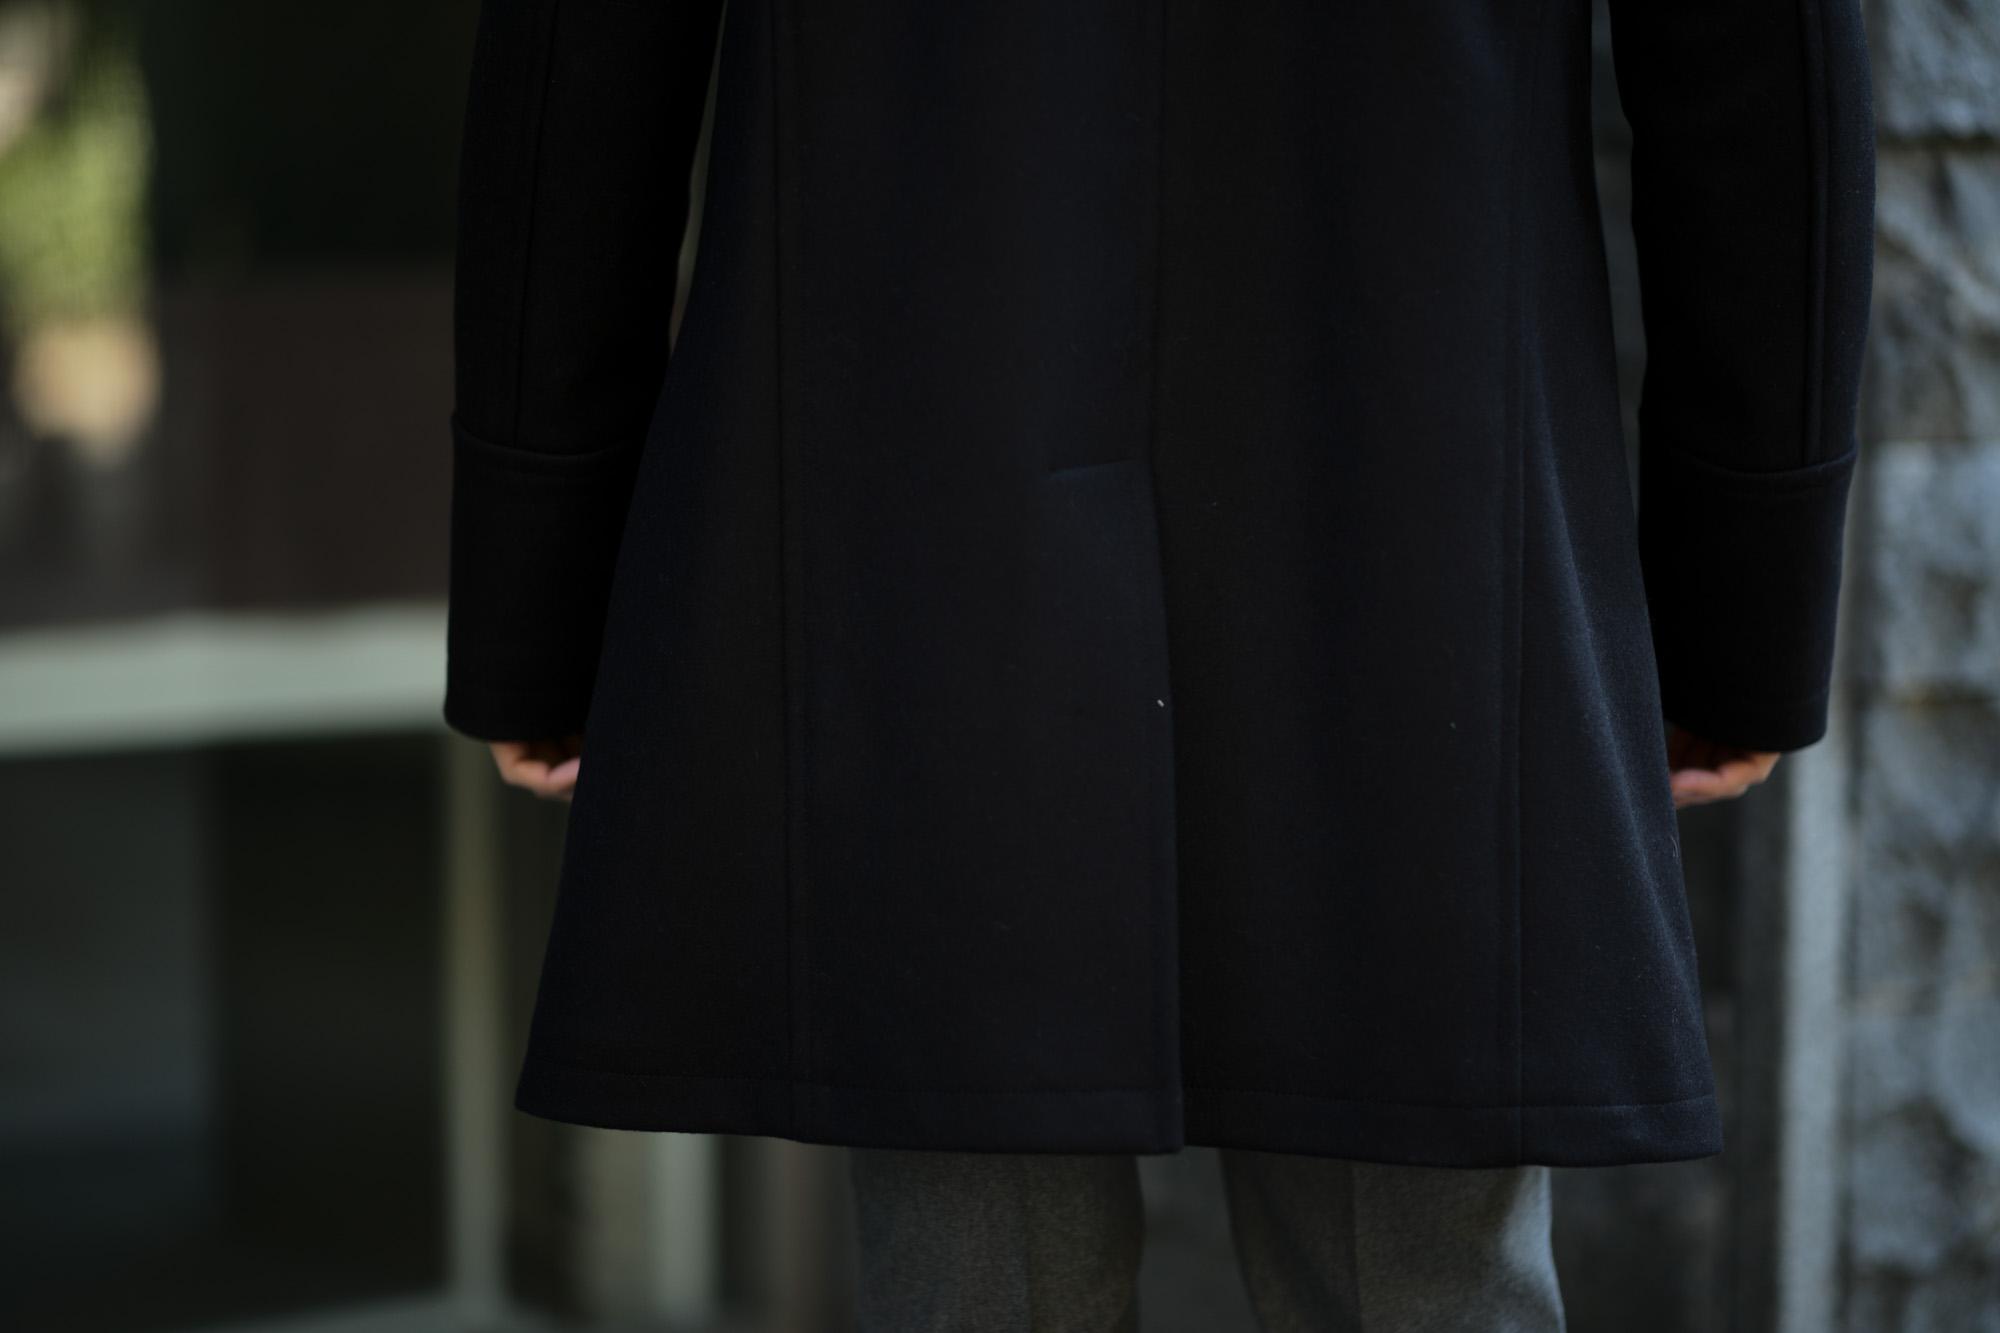 Sealup(シーラップ) GENOVA(ジェノバ) 50002 7591 01 メルトンウール サーモアライニング ロングPコート ピーコート BLACK(ブラック・36)  MADE IN ITALY(イタリア製) 2019 秋冬 【ご予約開始します】 愛知 名古屋 Alto e Diritto アルト エ デリット alto e diritto アルトエデリット